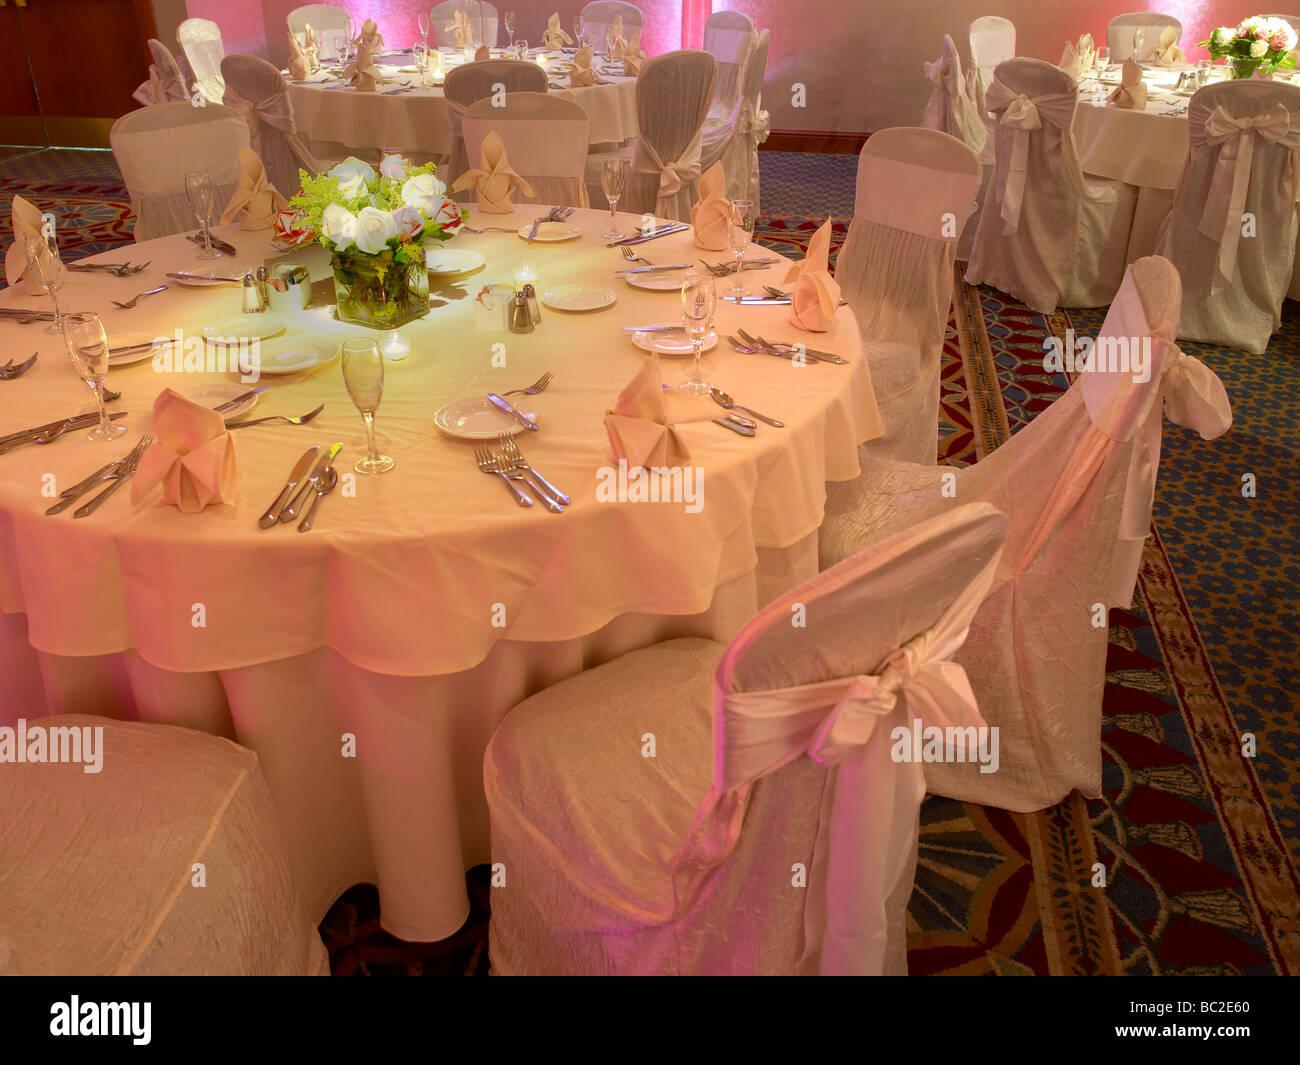 Elegant Wedding Table Setting - Stock Image